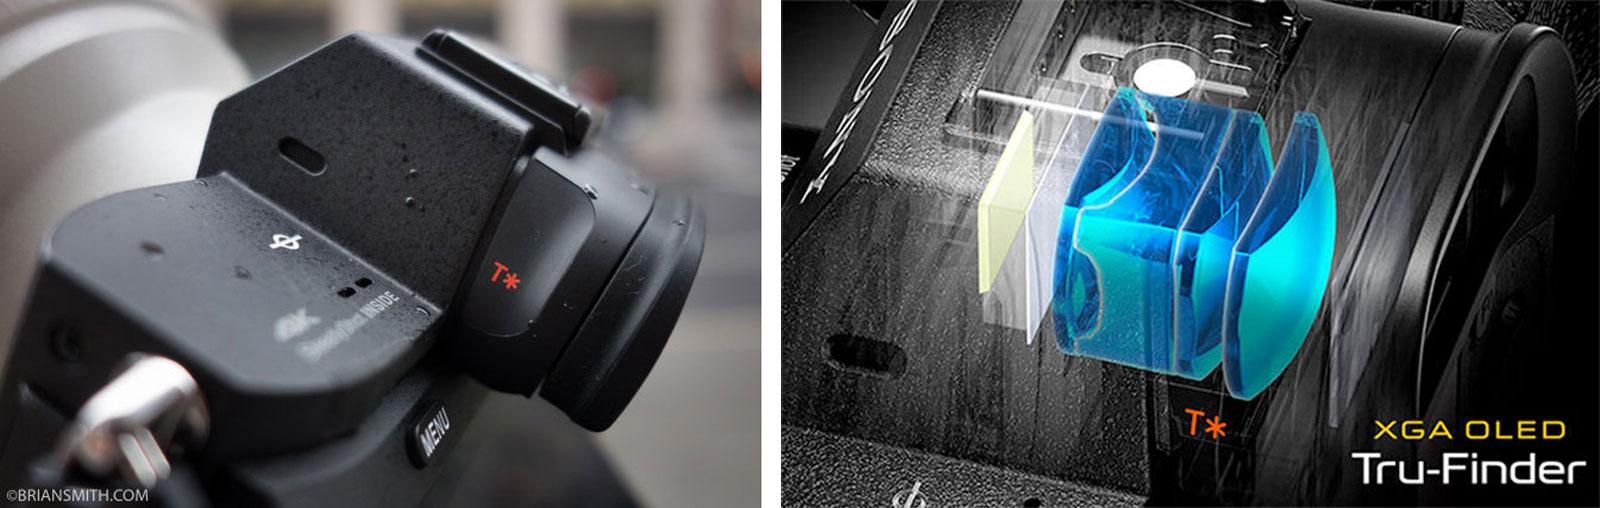 Sony a7R II EVF Tru-Finder